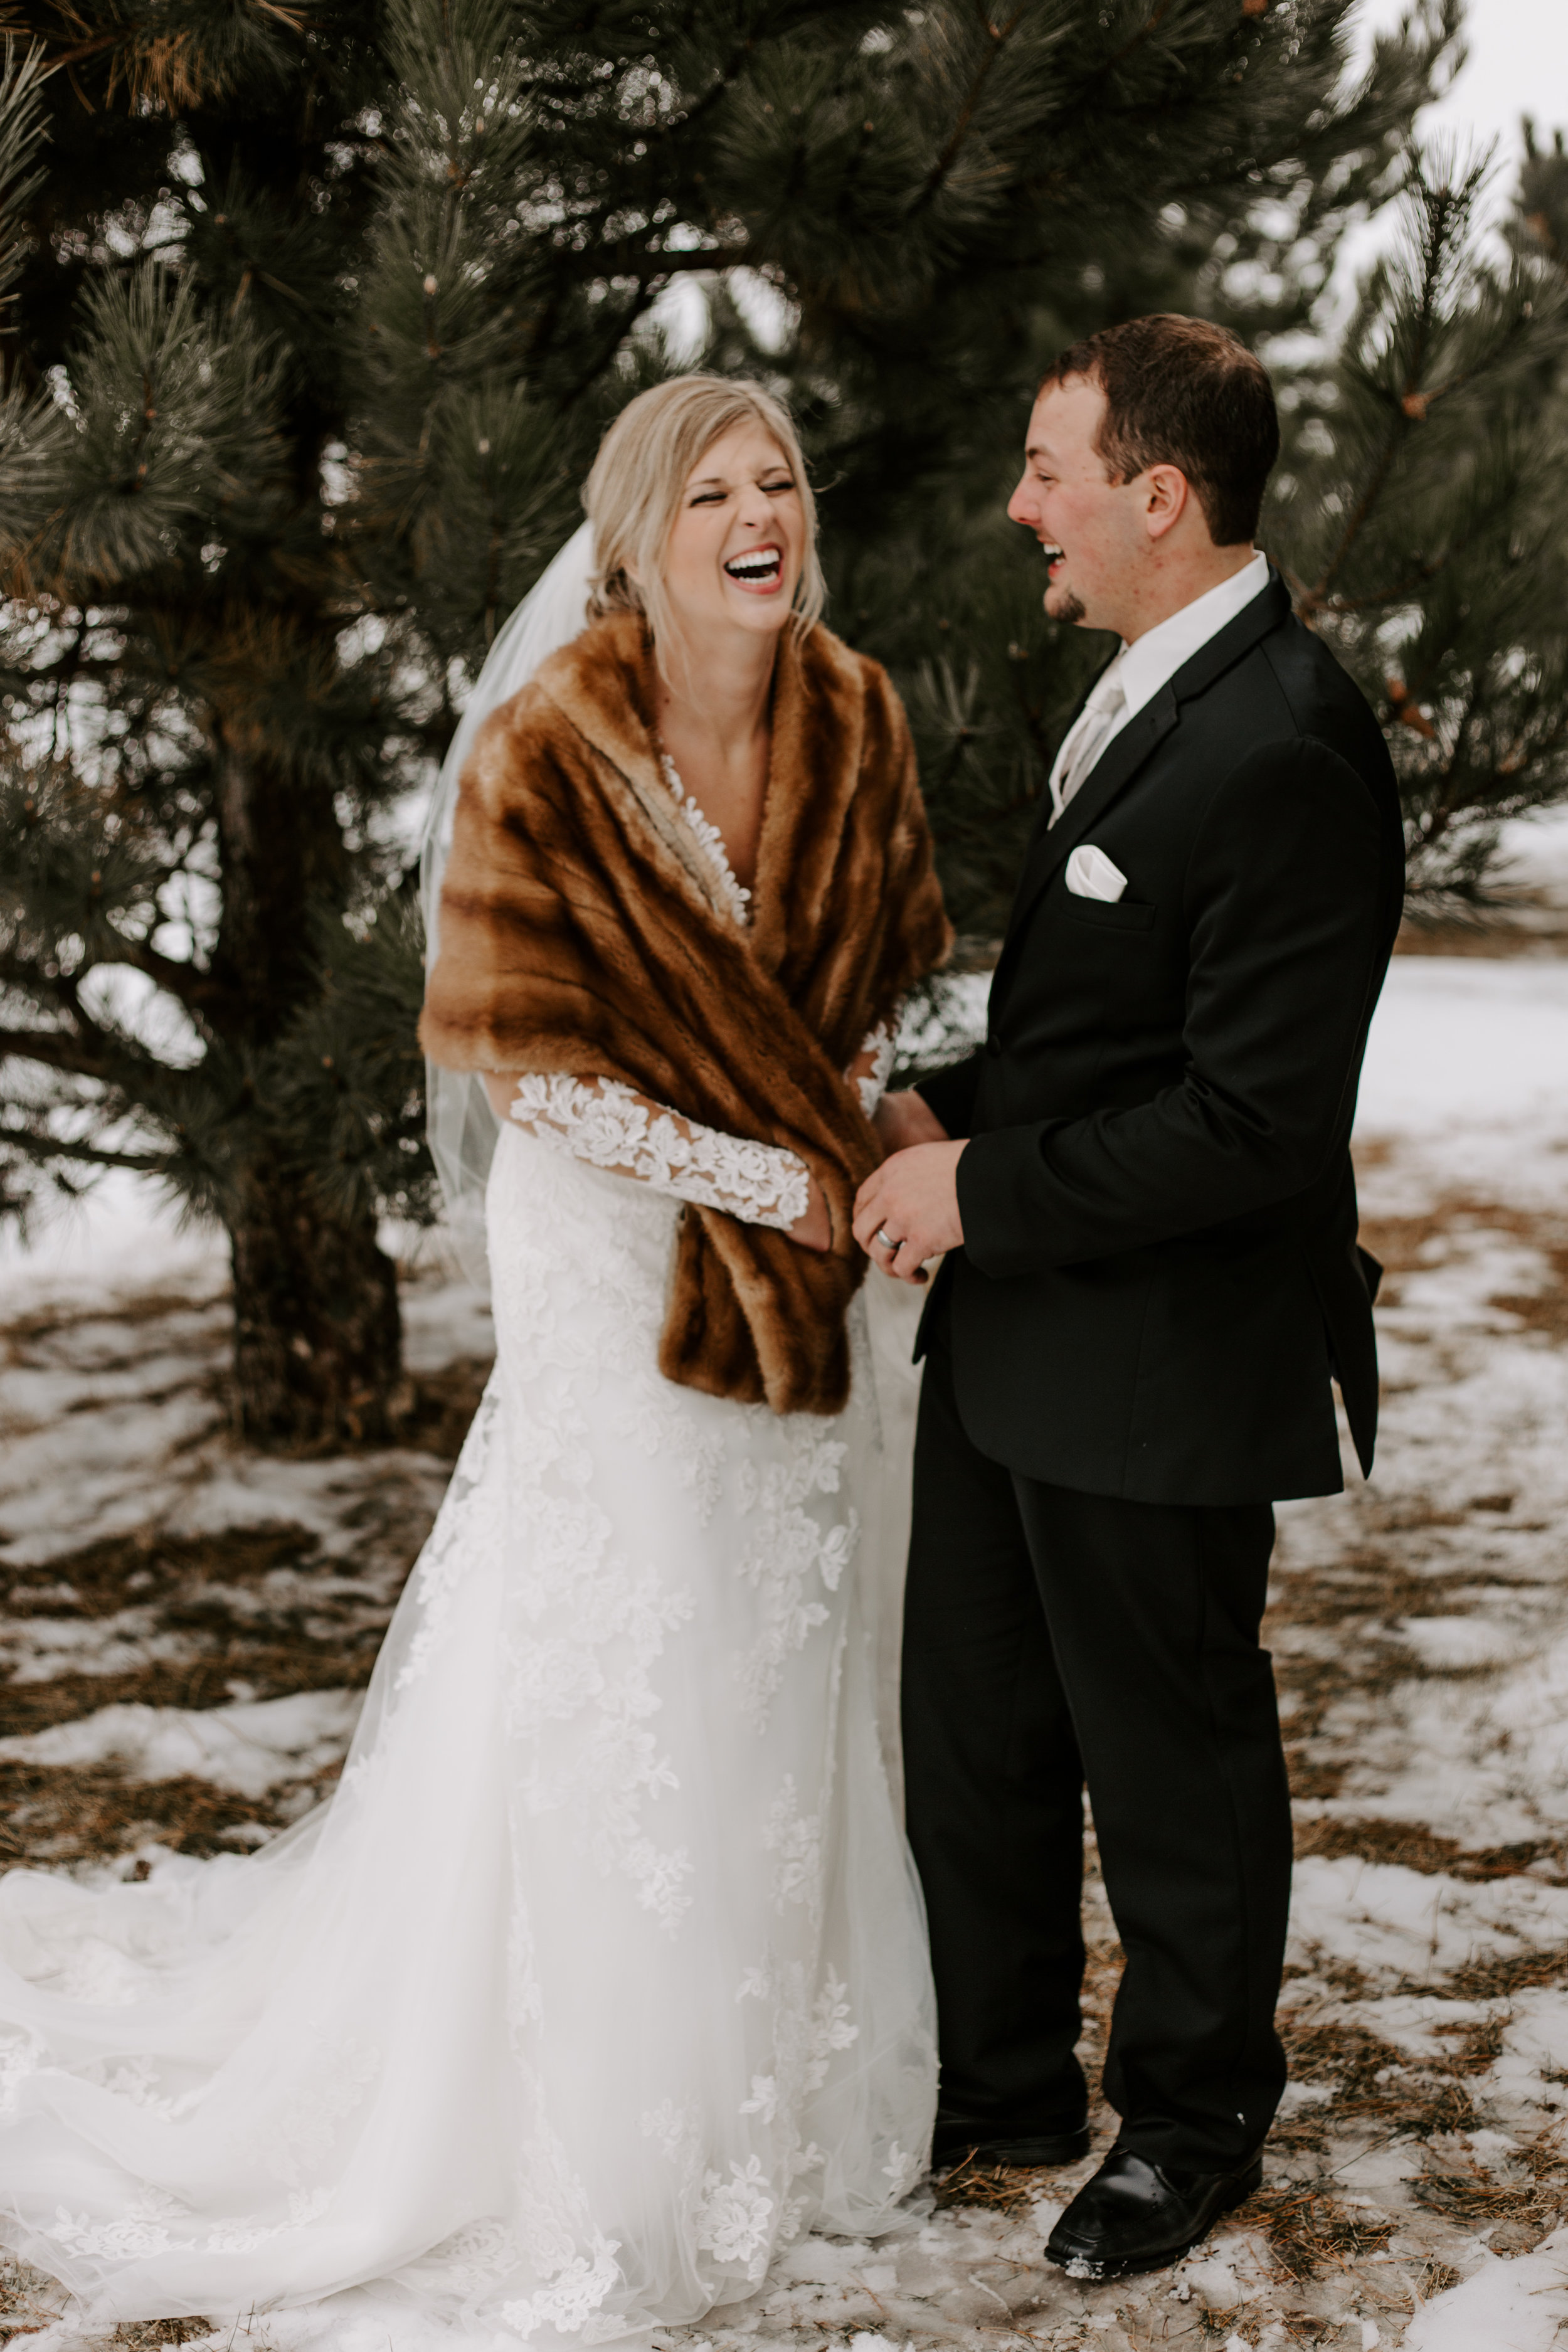 STADHEIM WED | Katie Wilke Co147.jpg